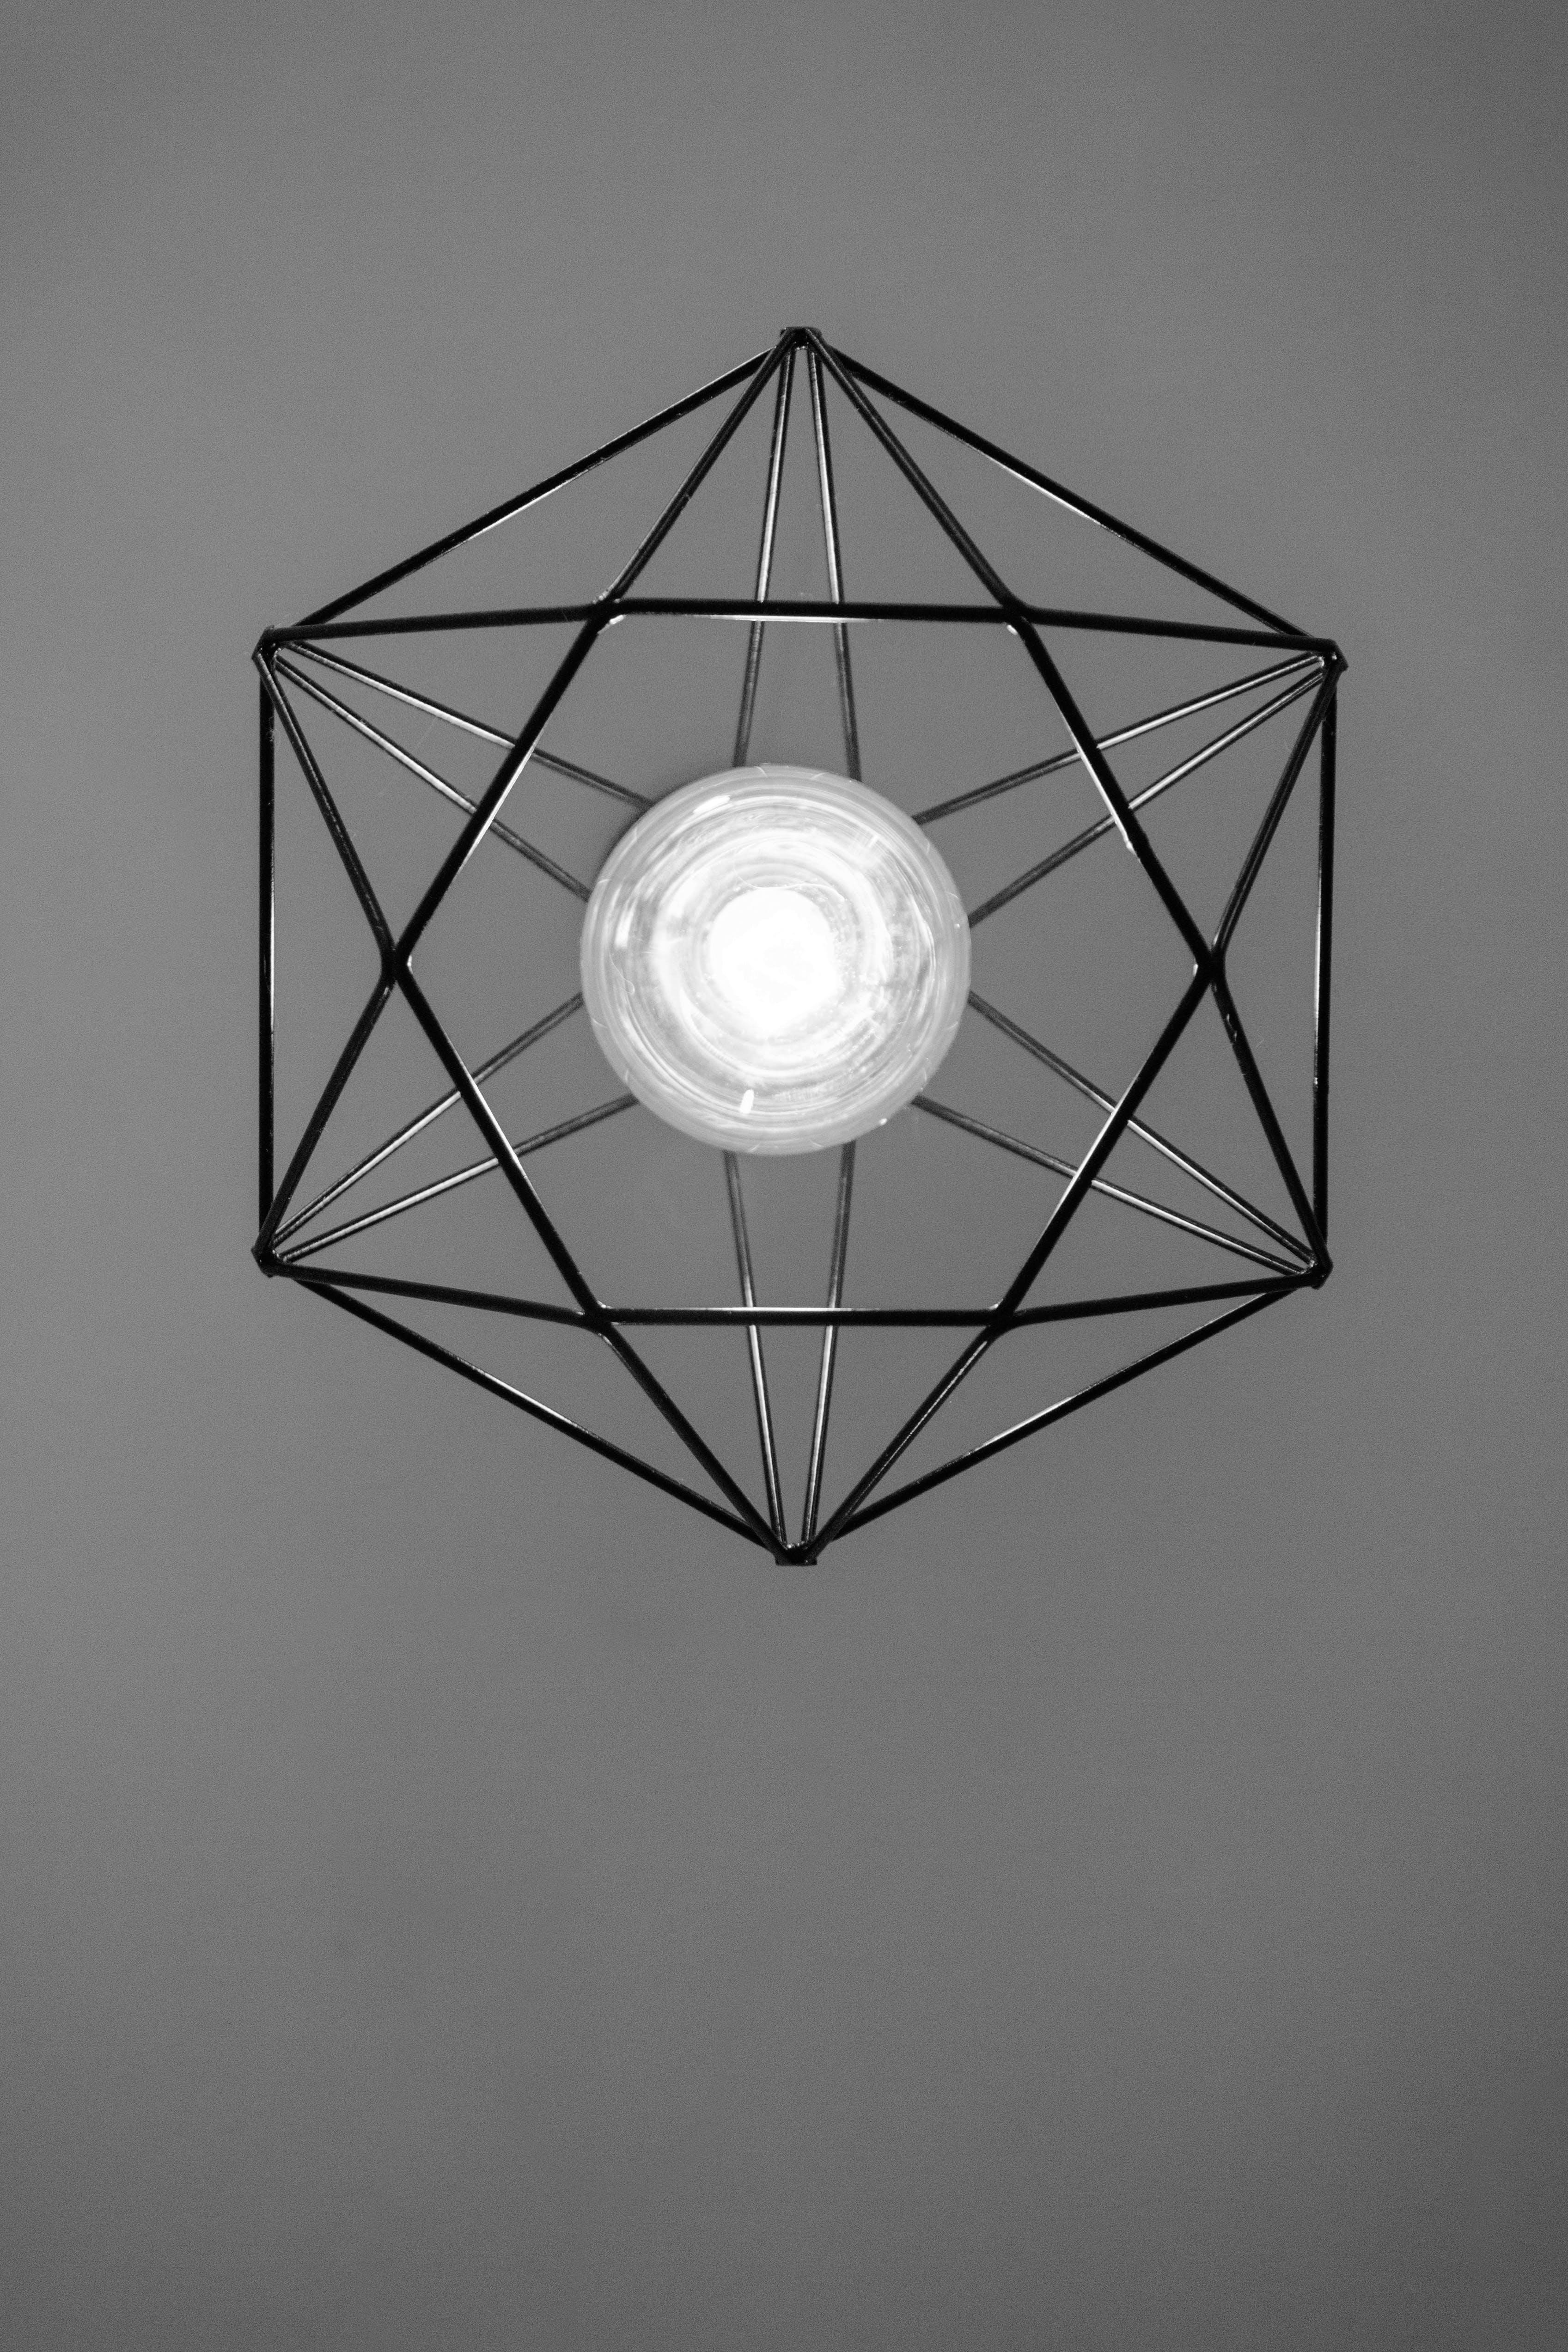 Kostenloses Stock Foto zu design, elektrisch, elektrisches licht, elektrizität